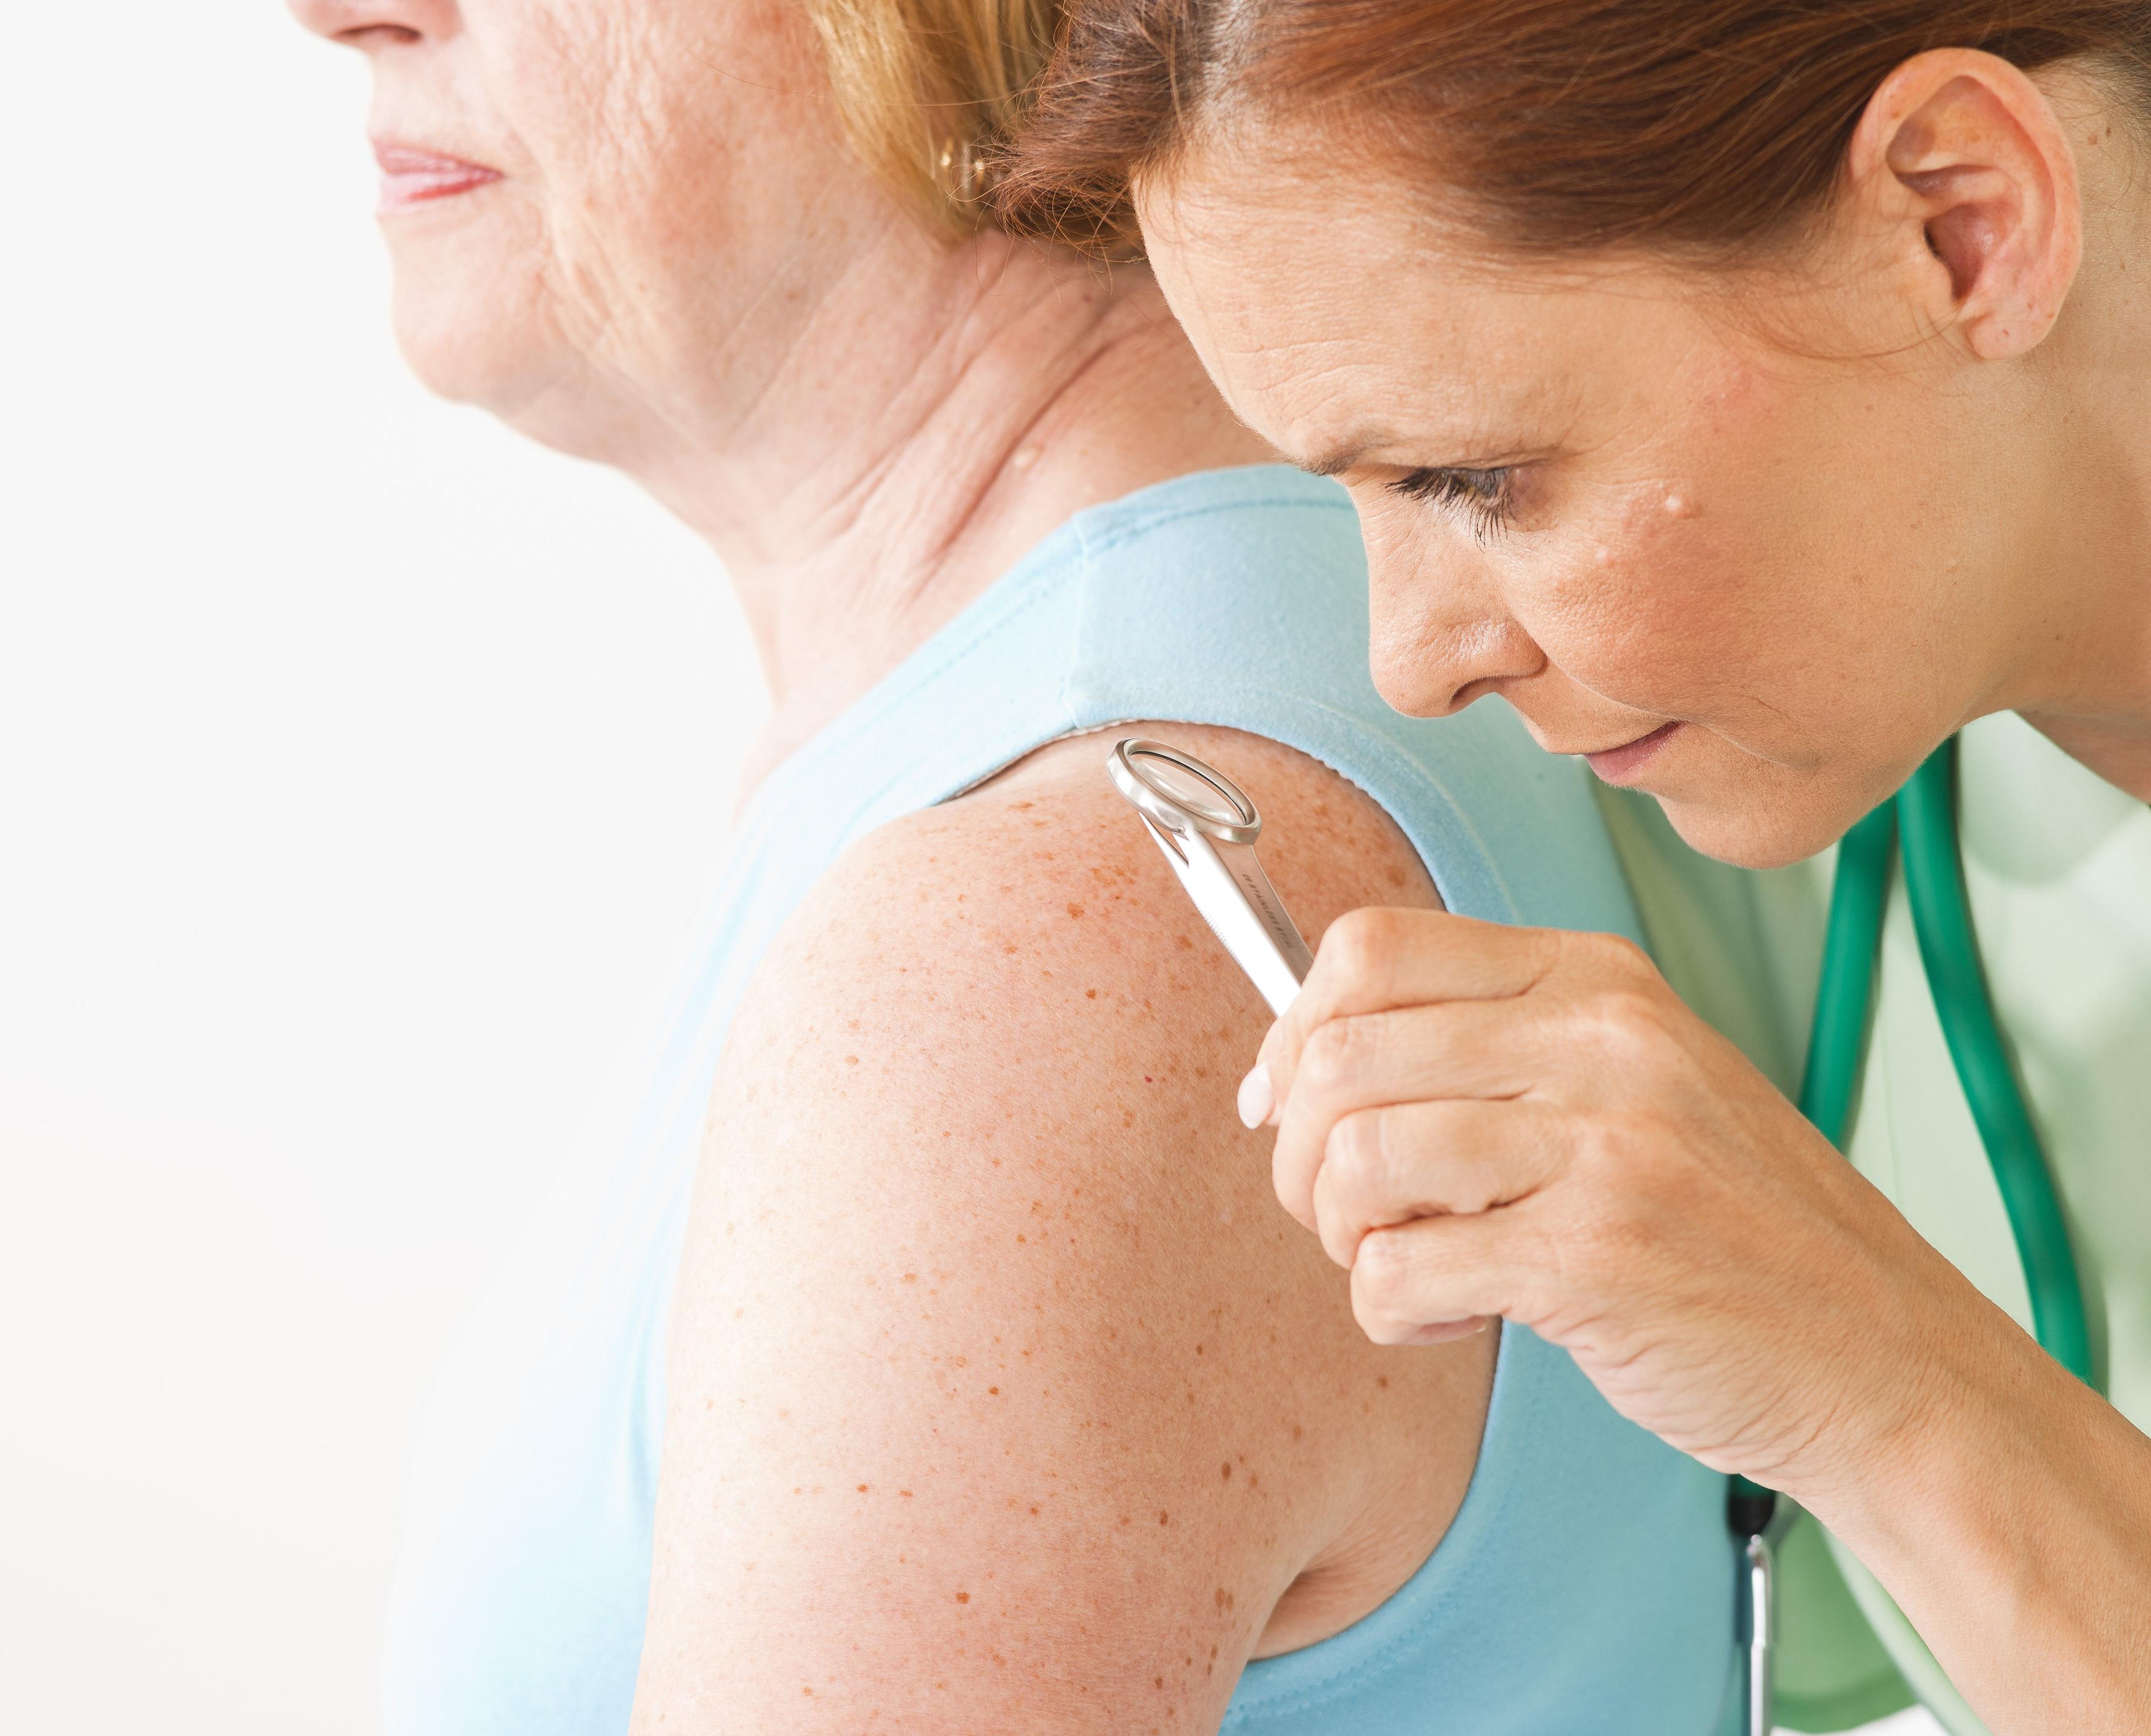 pikkelysömör hogyan kell kezelni a guttate pikkelysömörét pikkelysömör kezelése orális